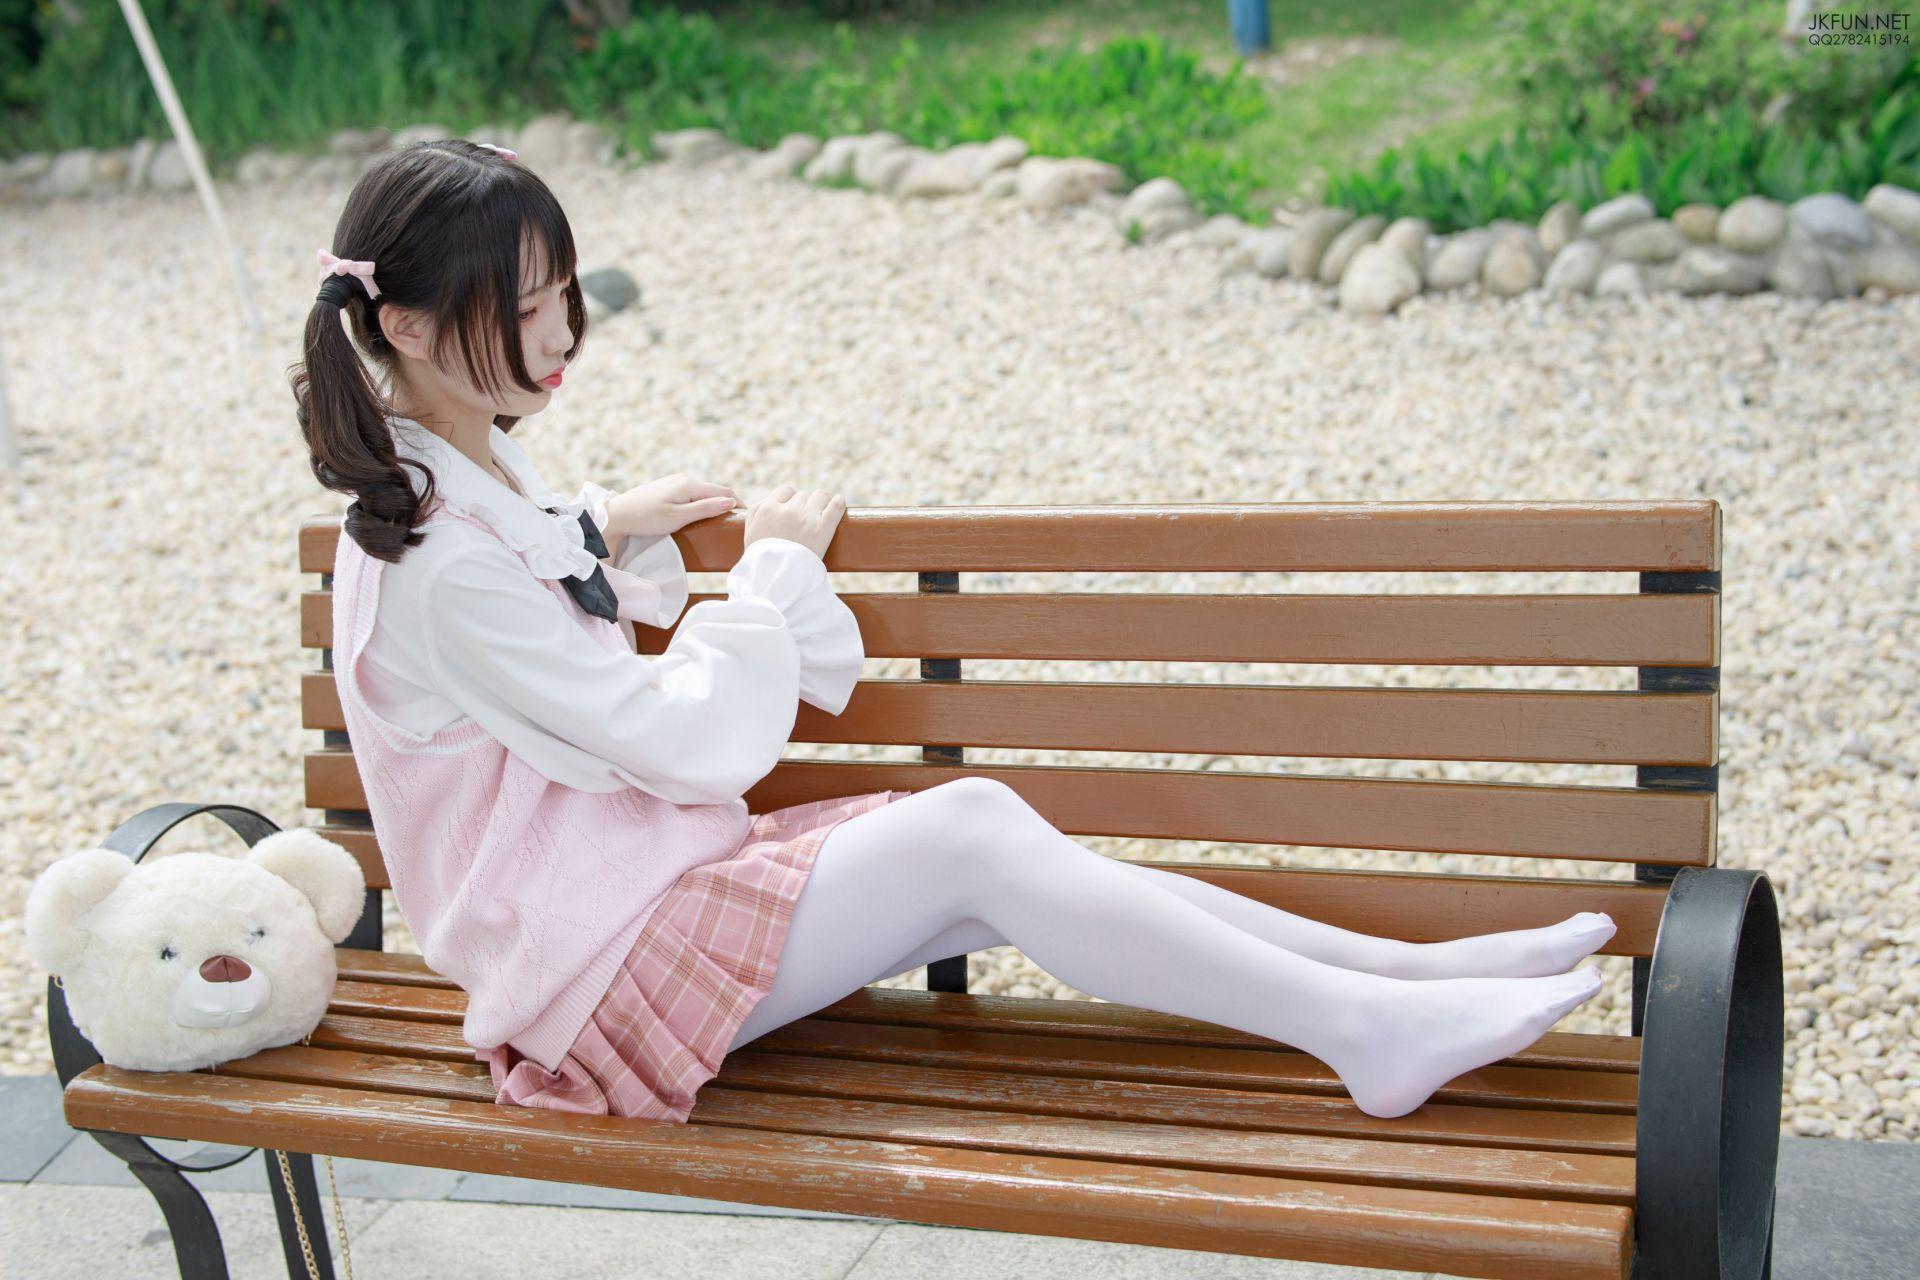 【森萝财团】 森萝财团写真 – JKFUN-007 默陌 80D白丝 [126P-1V-2.90GB] JKFUN 第5张